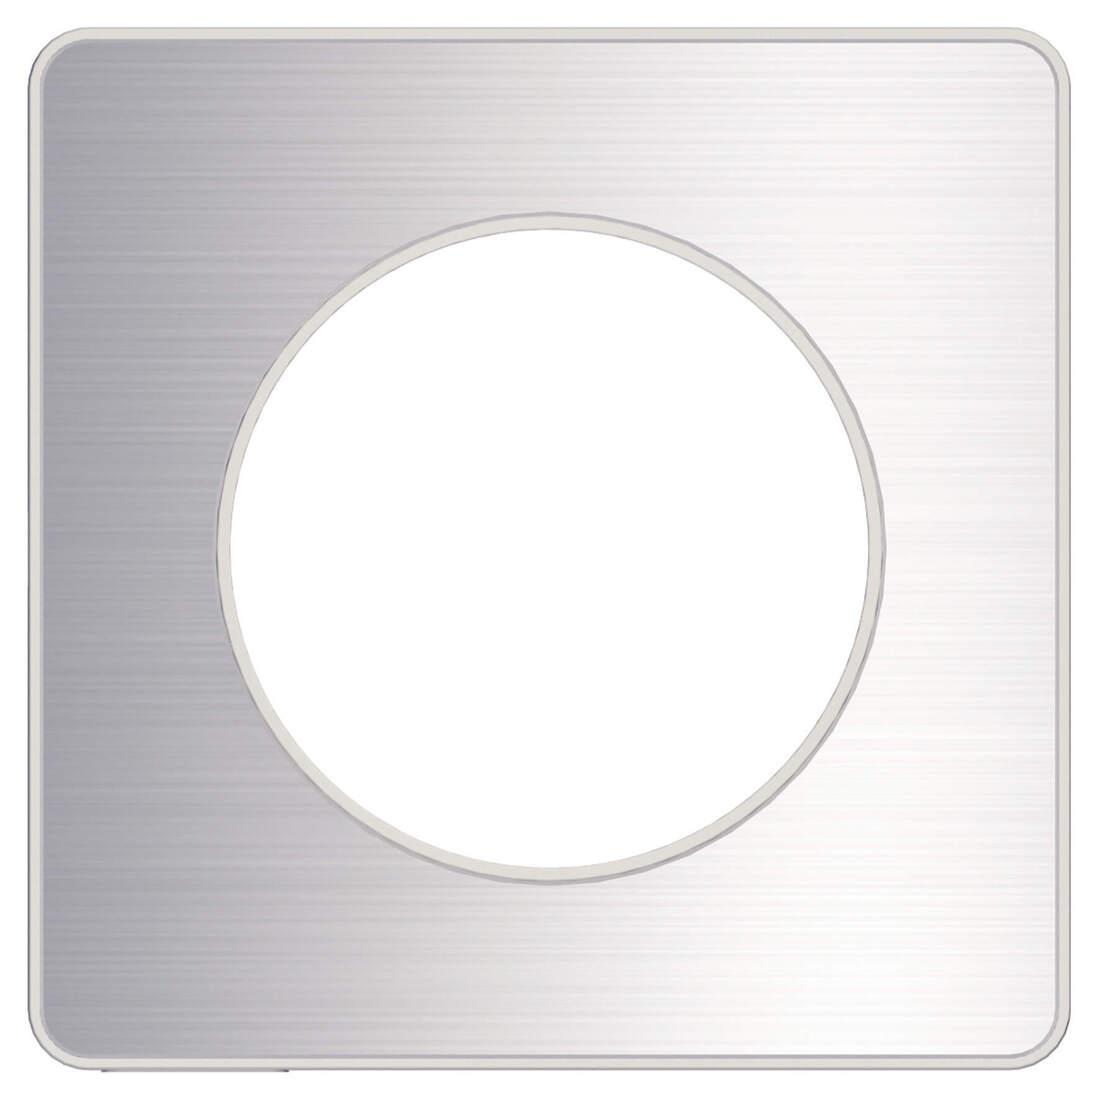 Schneider-Merten Odace Touch afdekraam 1-voudig - wit (S520802)